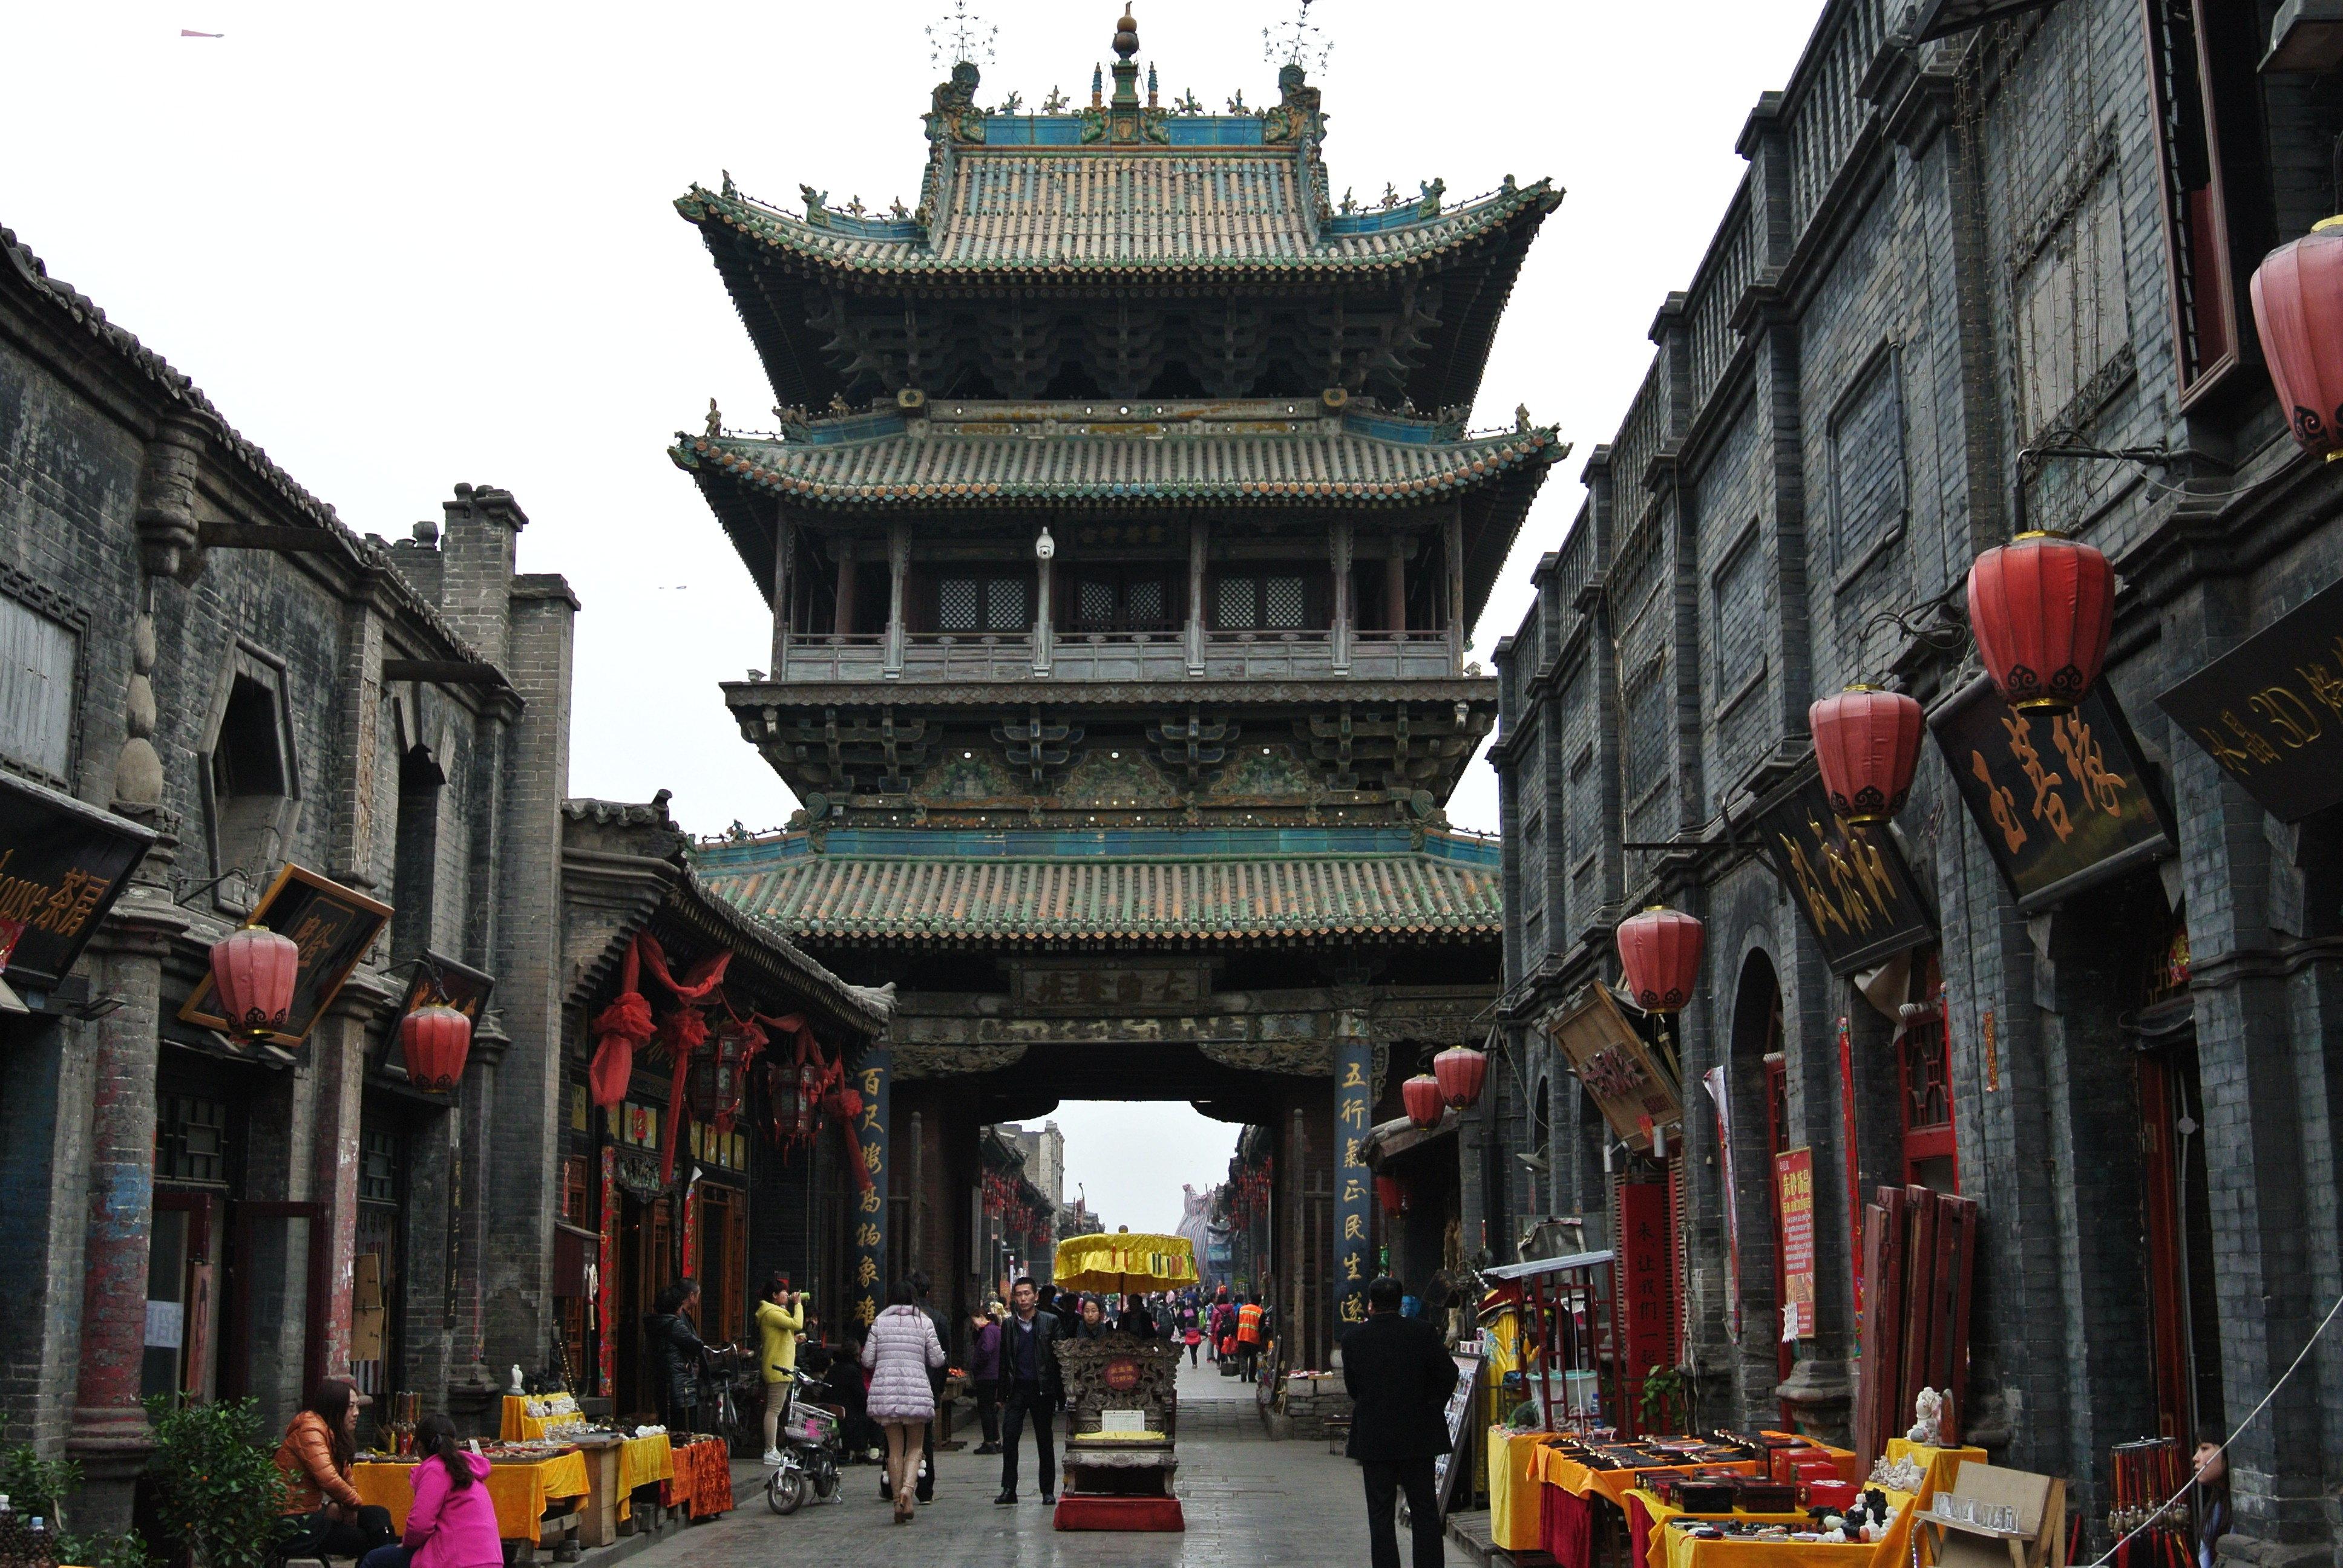 平遙古城,中國四大古城之一,是中國保存最完整的明清古縣城,1997年就被列入世界文化遺產。古老的城牆、縣衙、鏢局、票號帶你穿越歷史,回味百年前山西晉商的智慧和平遙古城的繁榮。走在古老的縣城里,撫摸著古老的磚石,會感慨時間鑄就了無數的傳奇,也摧毀了無數的文明,現在保存下來的古建築都值得我們珍惜。交通路線:從北京西站坐高鐵,太原站下車,2個小時;然後從太原坐車到平遙,提前買好所有的車票,注意時間的銜接。但是太原-平遙的火車可能會晚點。我在回來的時候火車就晚點了,差點沒有趕上下趟的回程的高鐵。到平遙火車站後,有